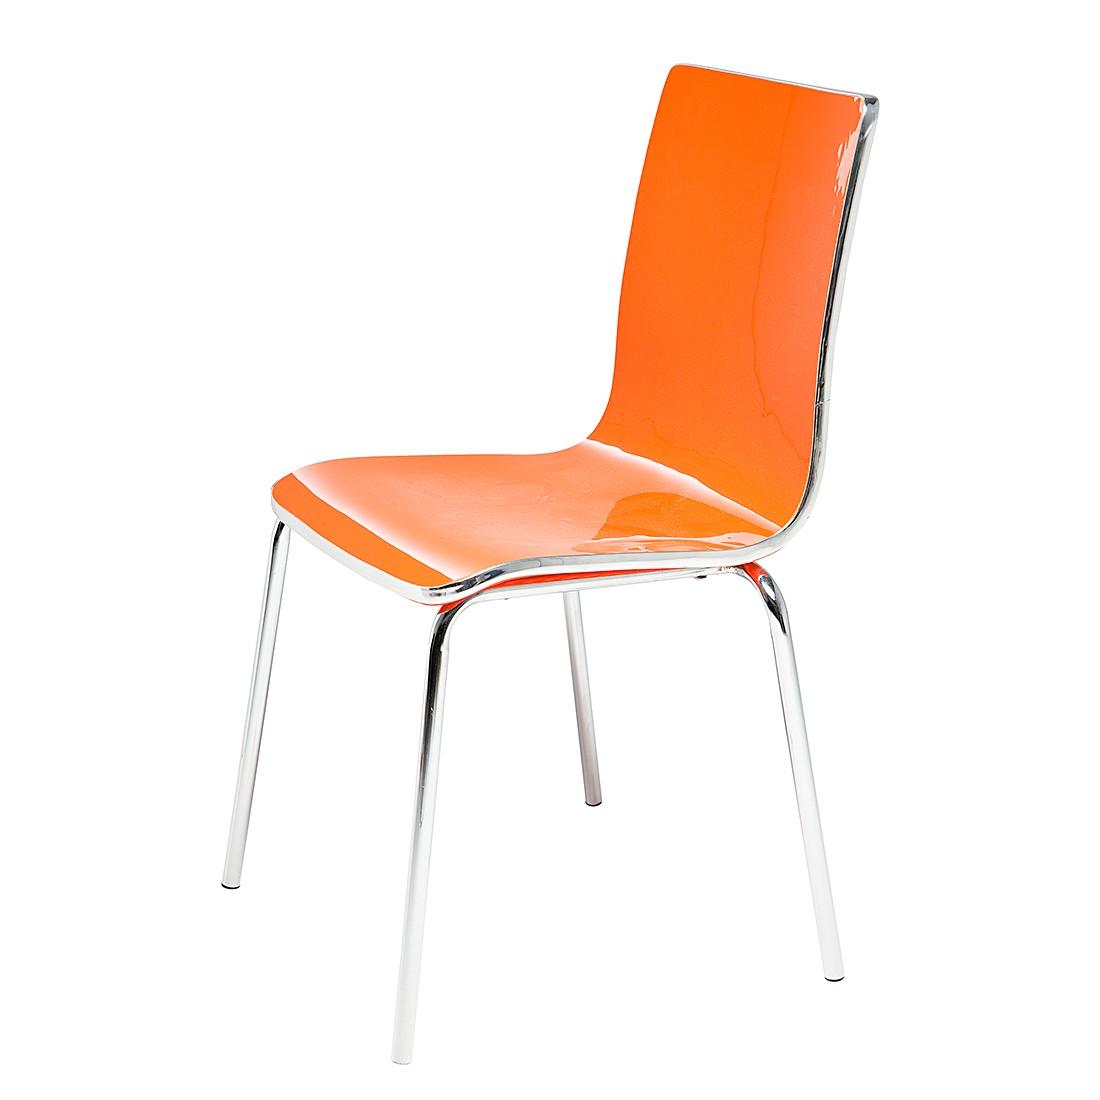 Kare stuhl preisvergleich for Design stuhl orange